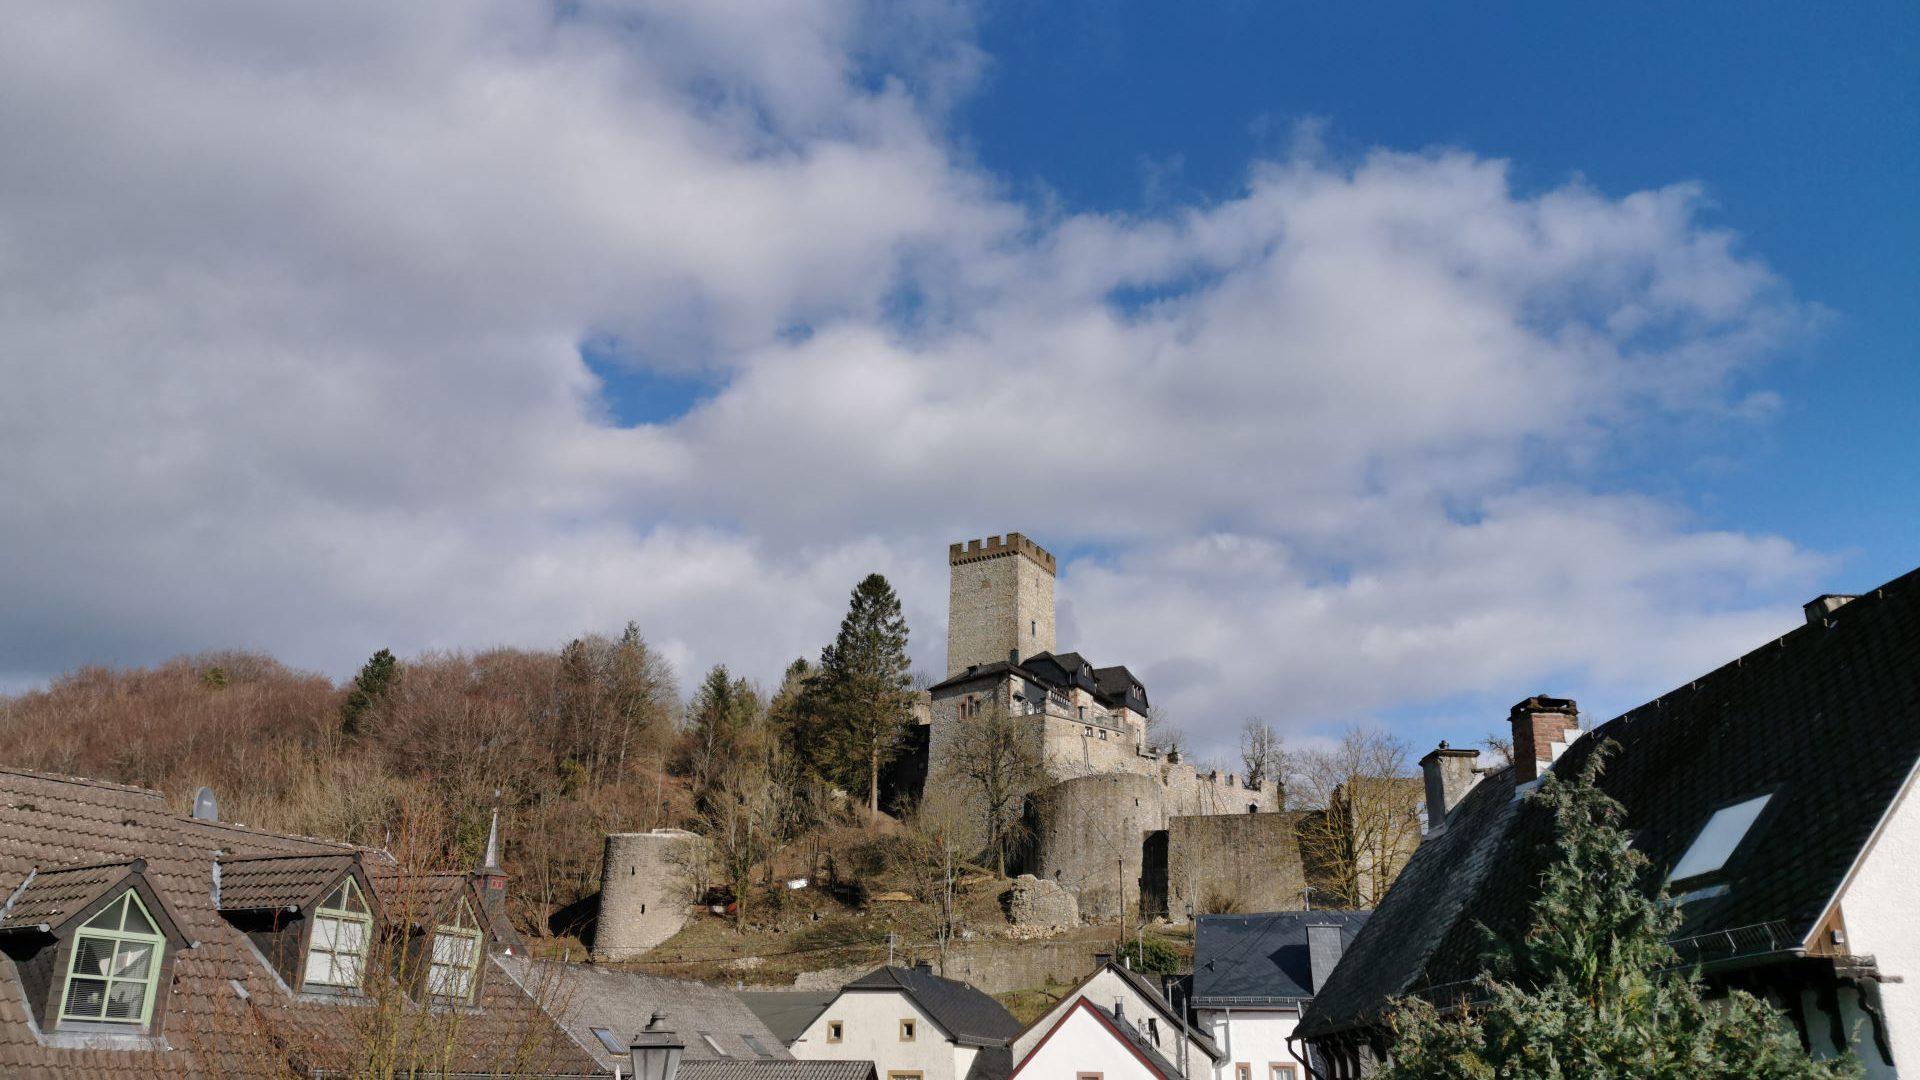 Ferienhaus-Landhaus-Loogh-Umgebung-Kerpen-mit-Burg.